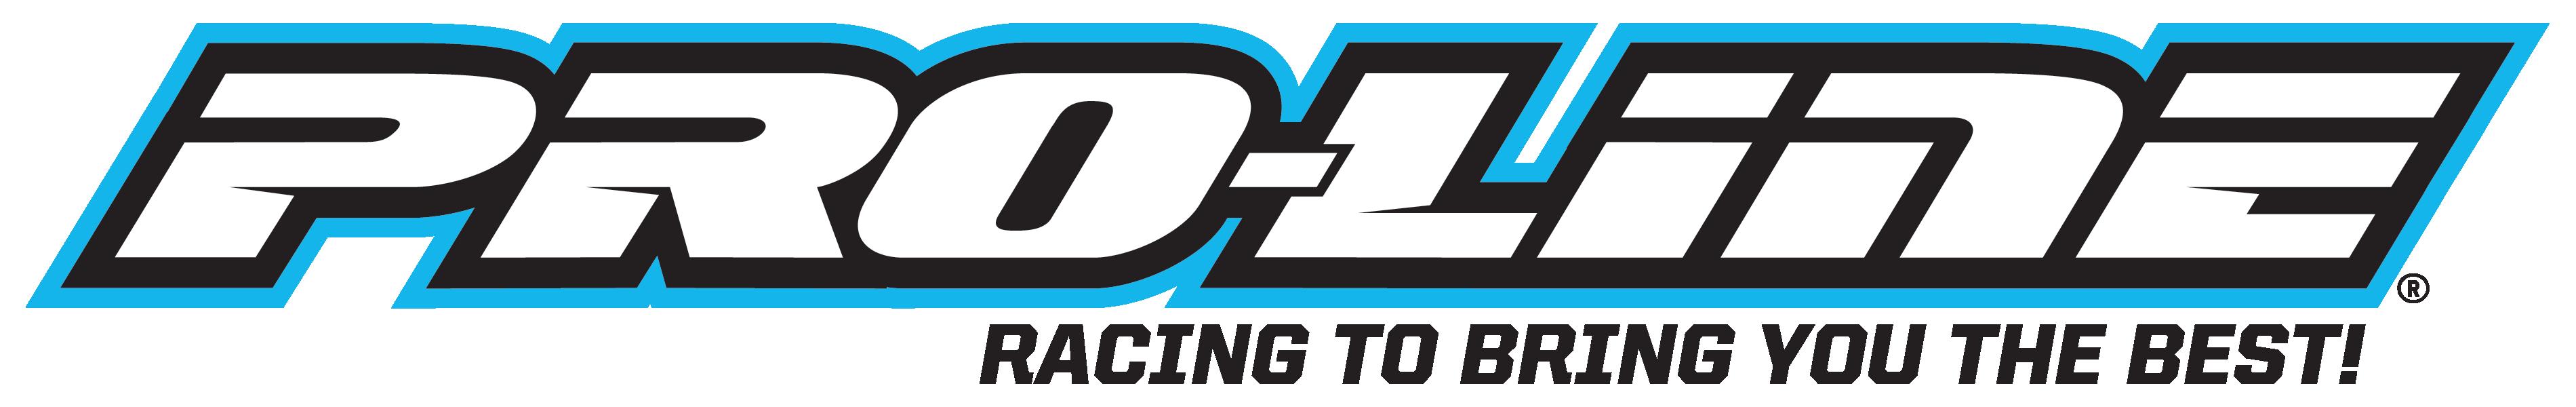 Image result for proline logo